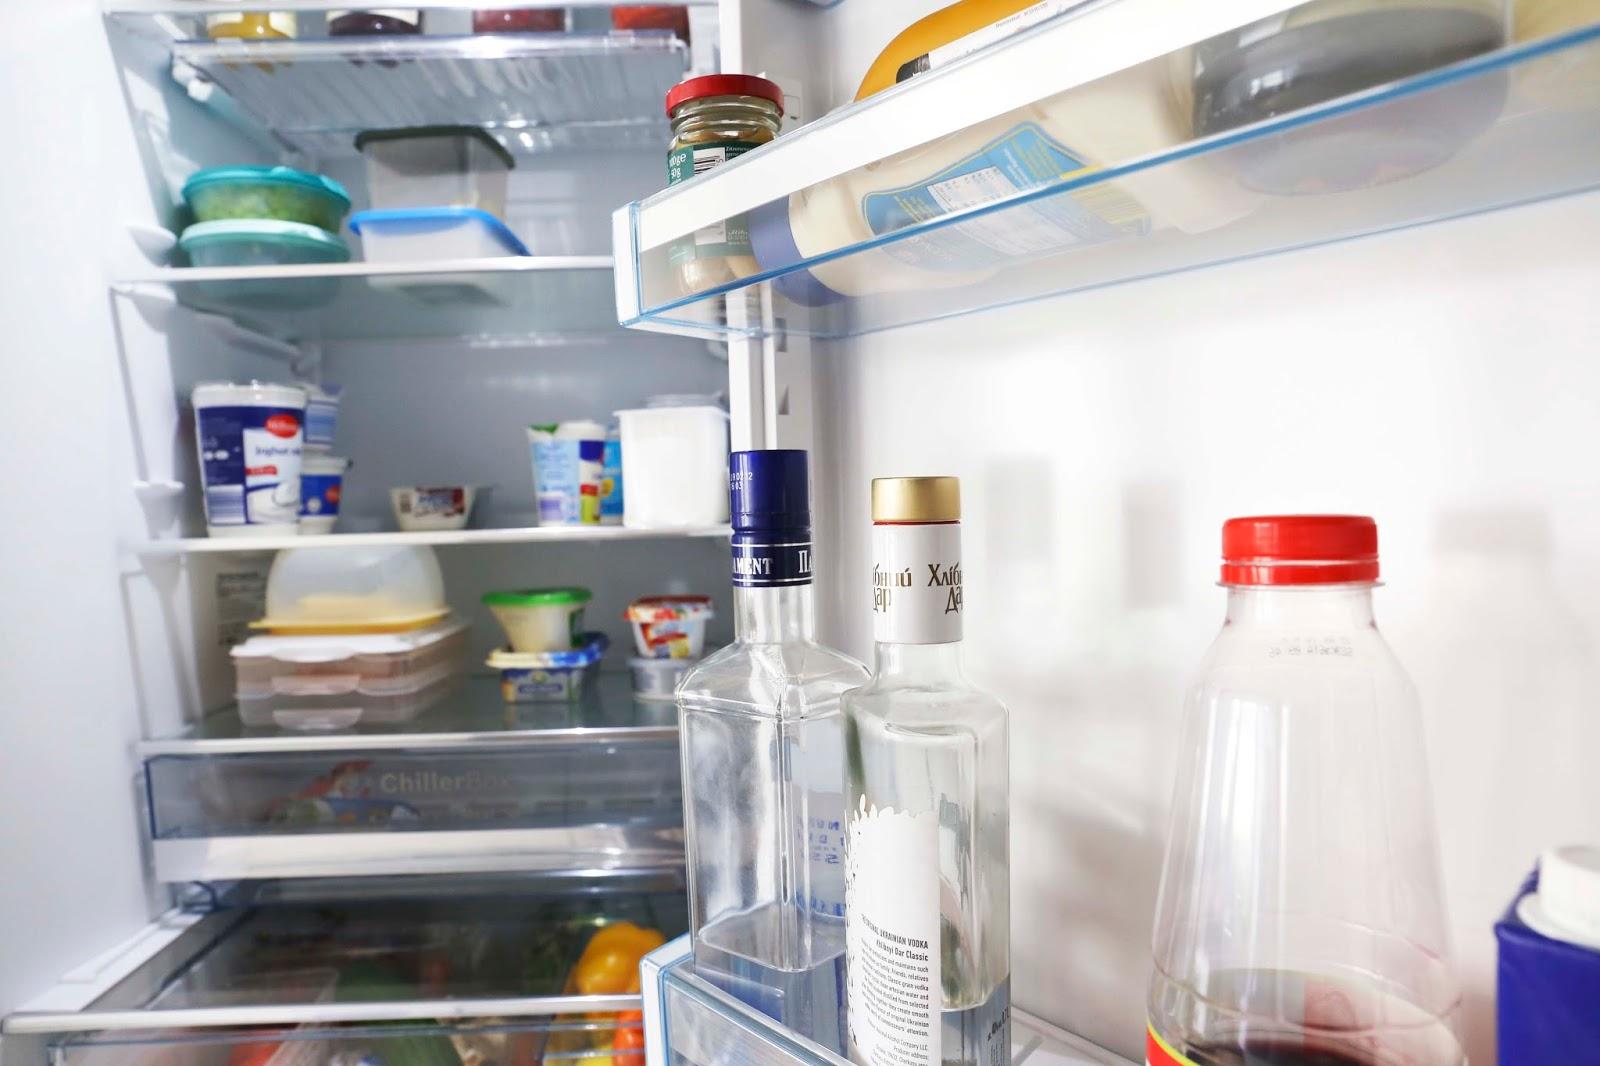 Kühlschrank Reinigen : Usa feiertag reinige deinen kühlschrank tag